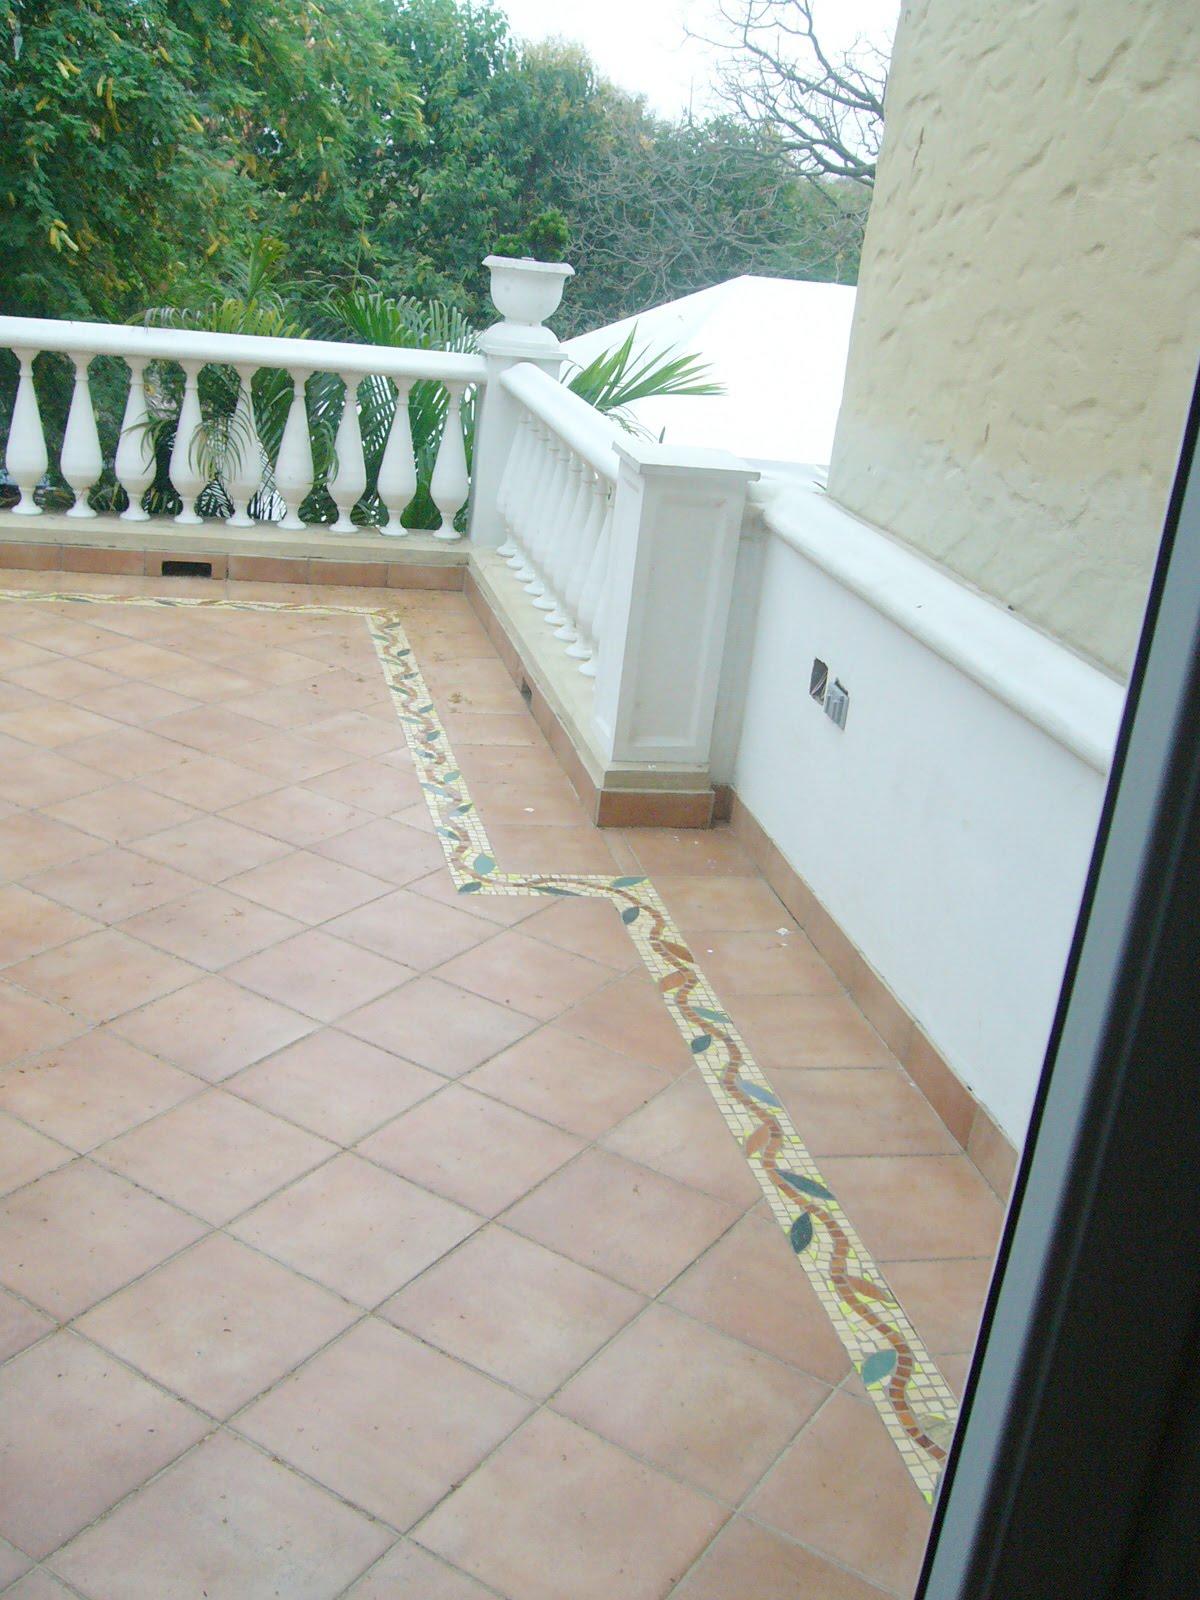 Mosaics by luis miranda cenefa para pisos ramas con hojas for Ofertas de ceramicas para piso